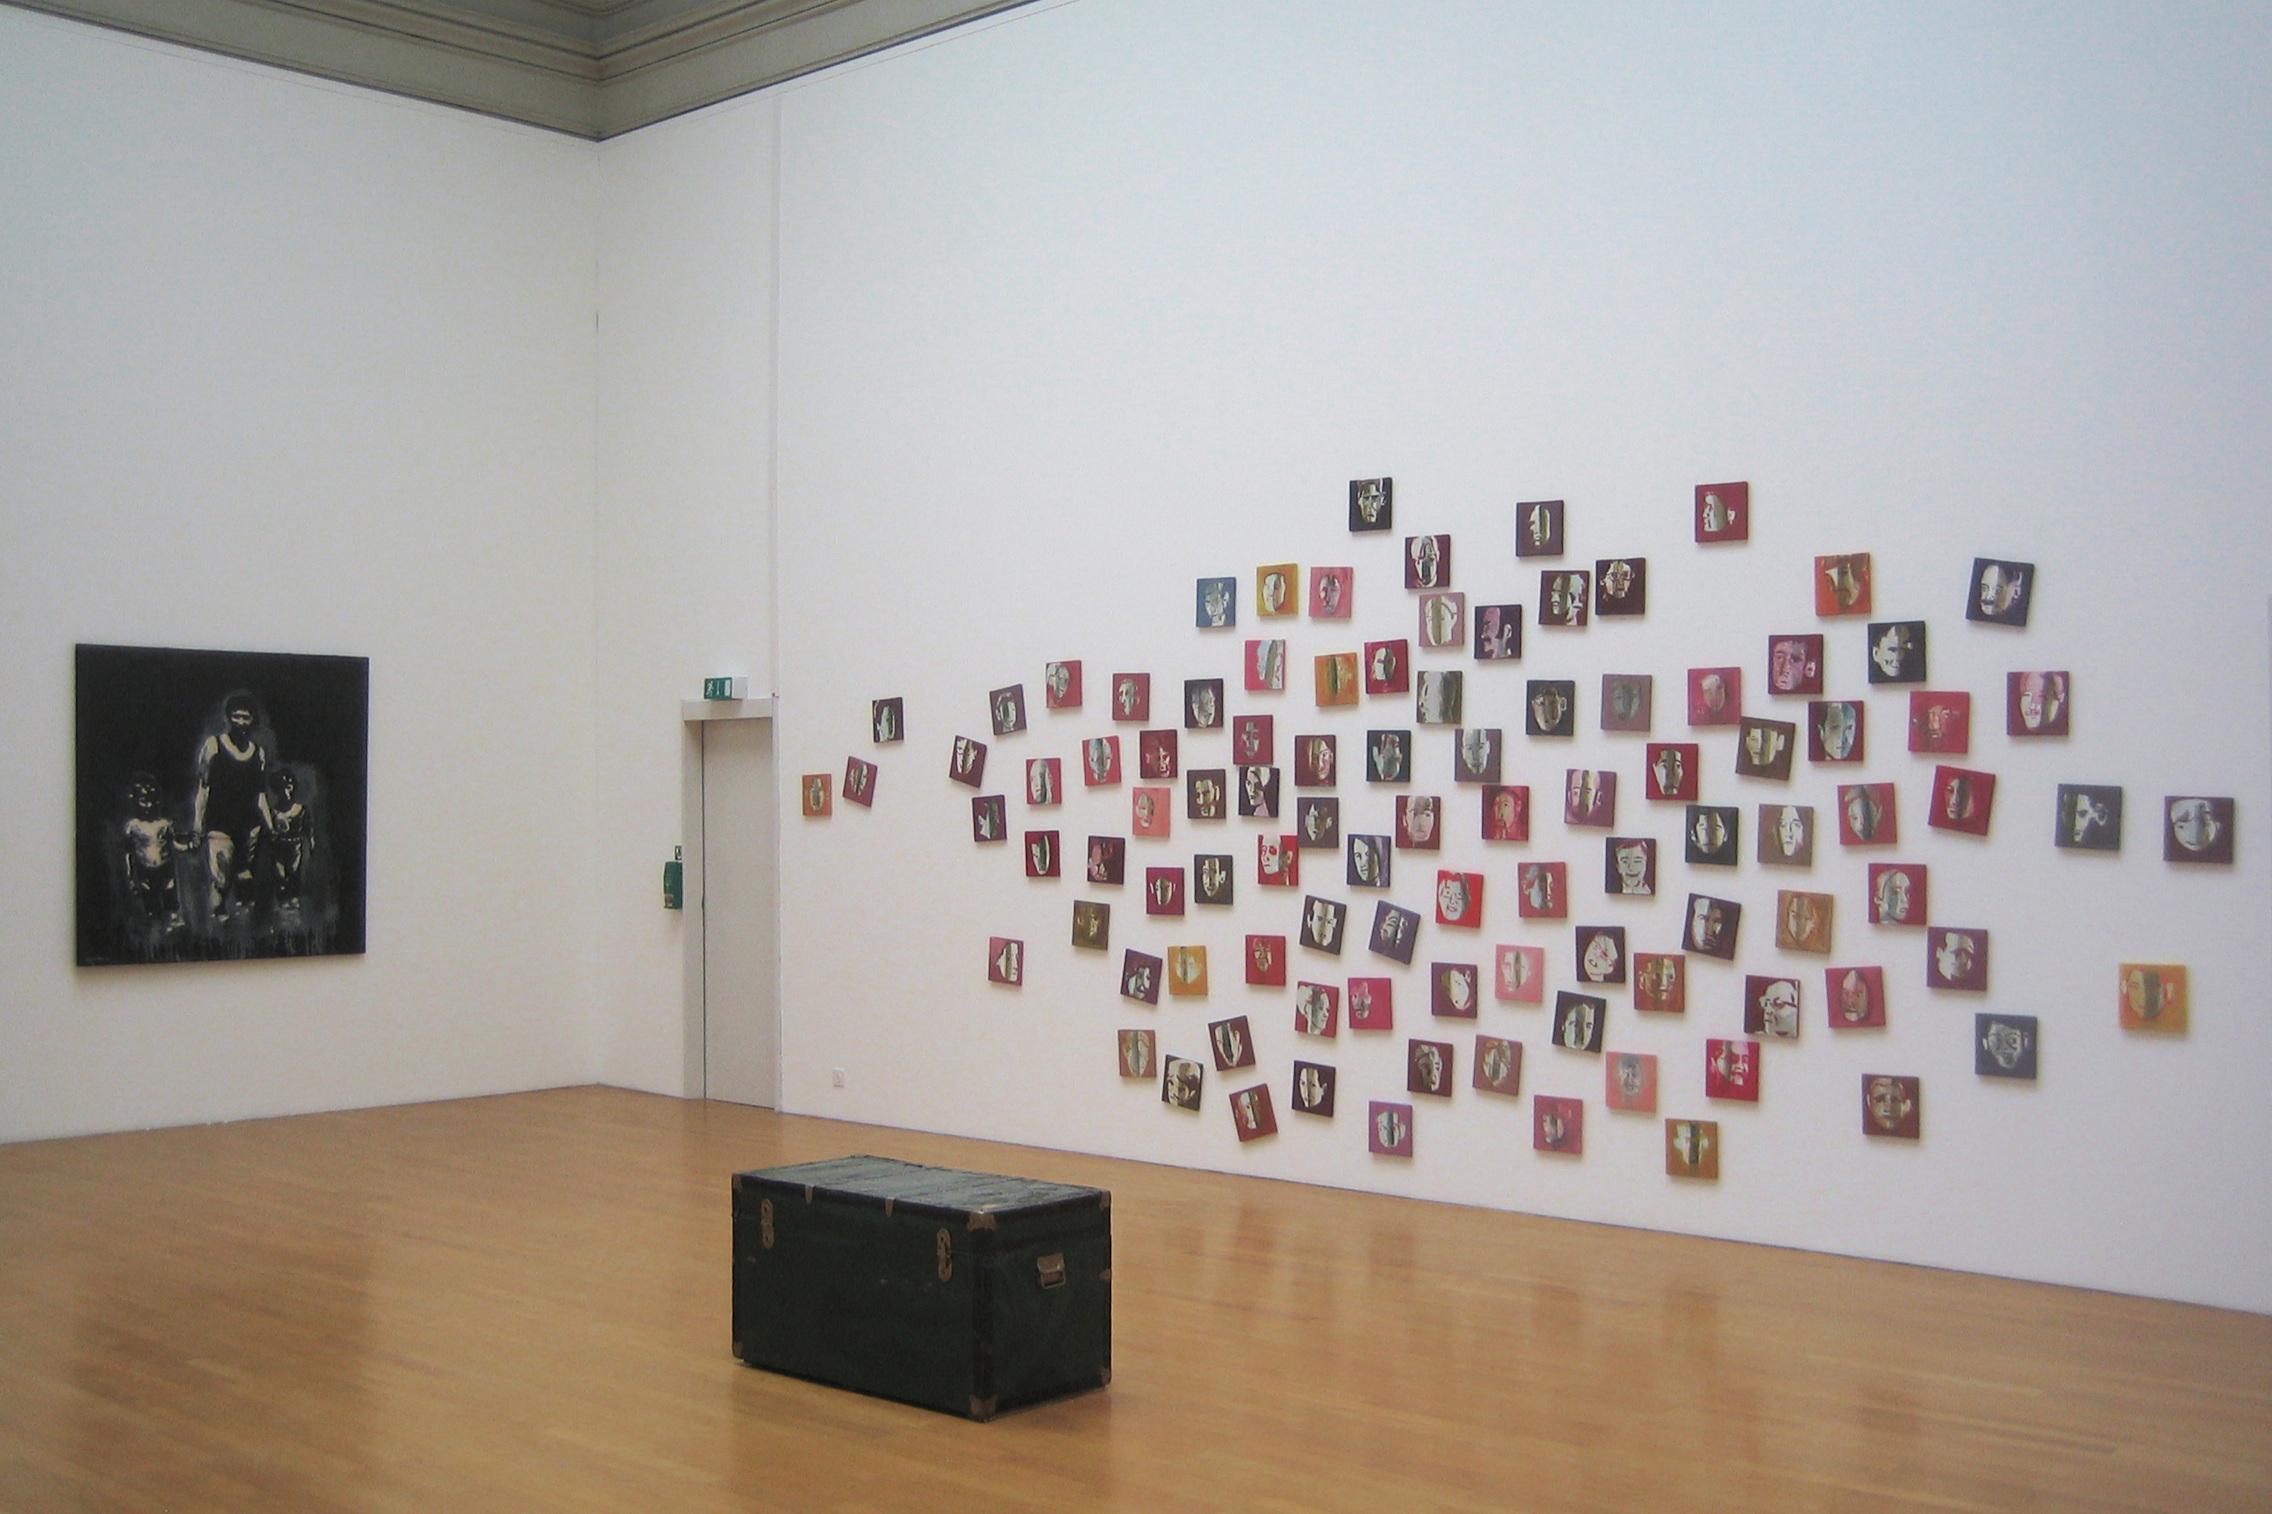 Nicola-Grabiele-Kunsthalle-Winterthur-2008-1.JPG